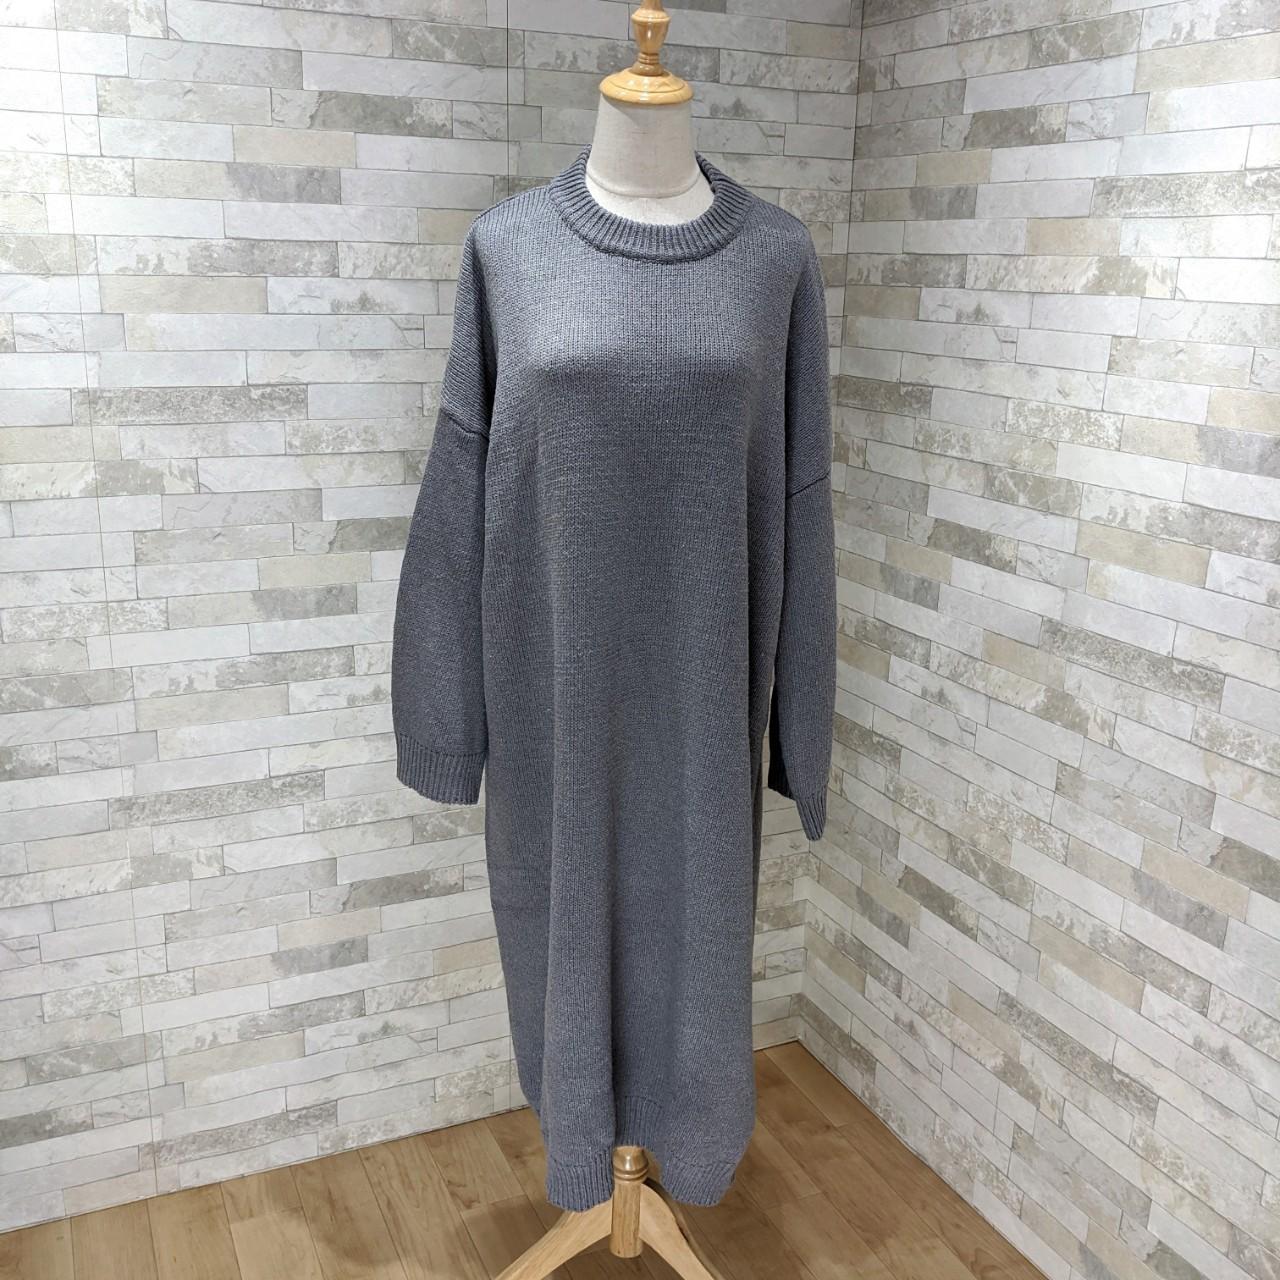 【即納】韓国 ファッション ワンピース 秋 冬 カジュアル SPTXH166  ゆったり リブニットワンピ ビッグシルエット オルチャン シンプル 定番 セレカジの写真3枚目